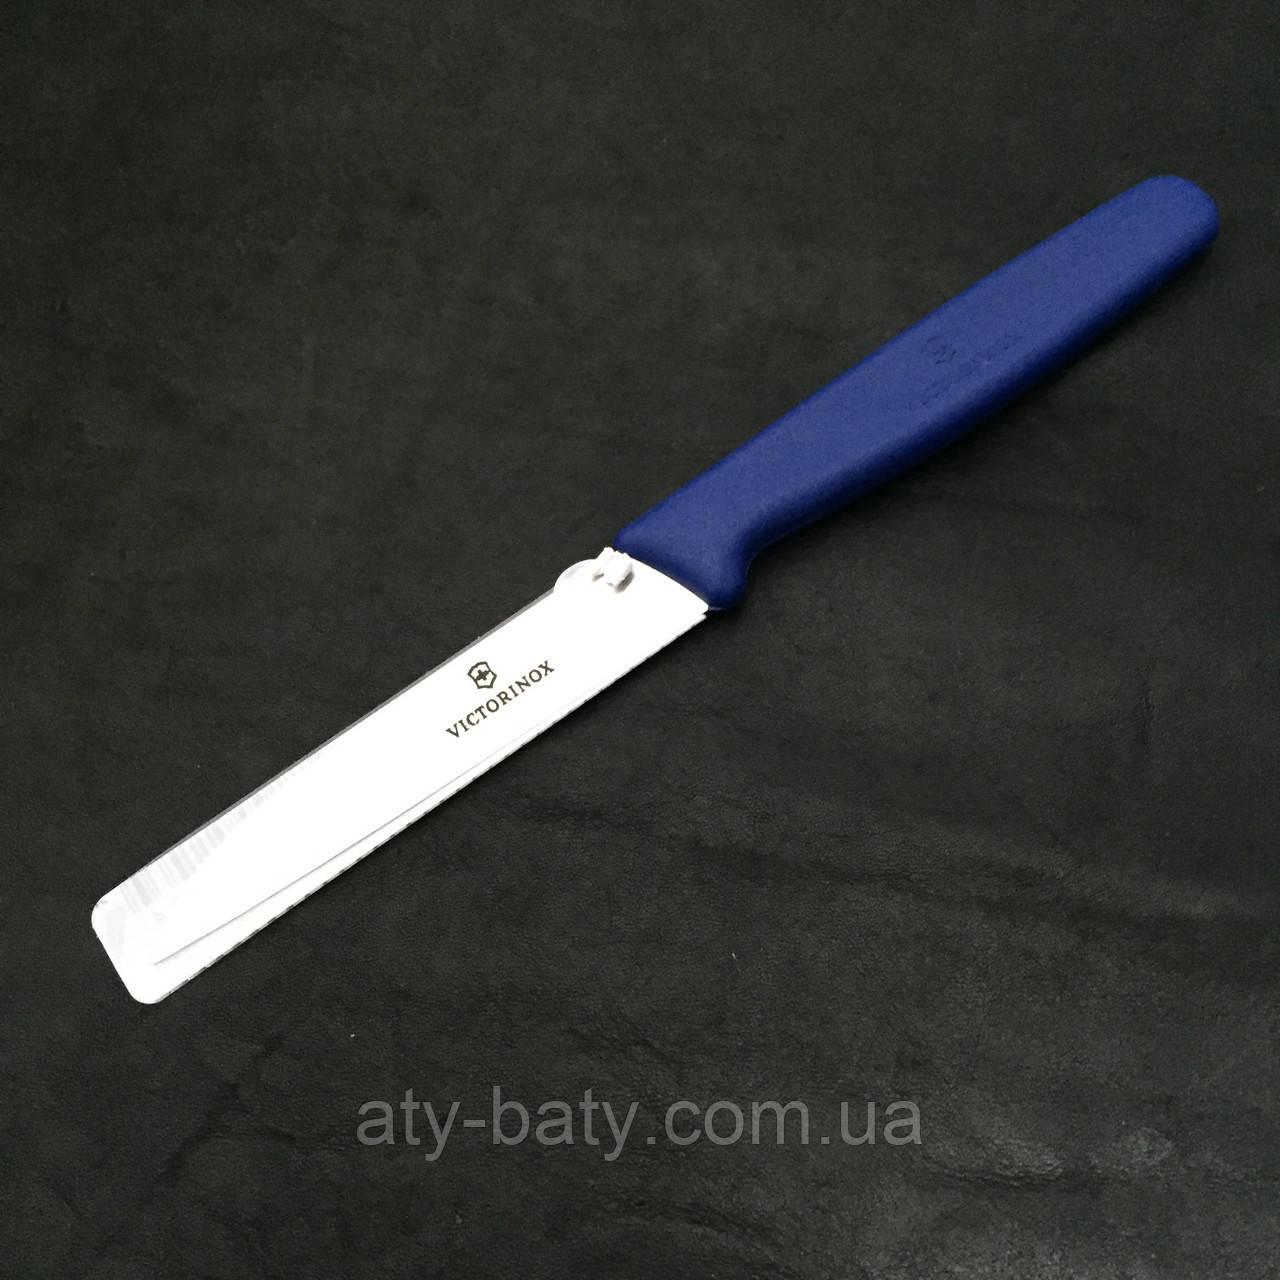 Нож кухонный Victorinox 5.0402